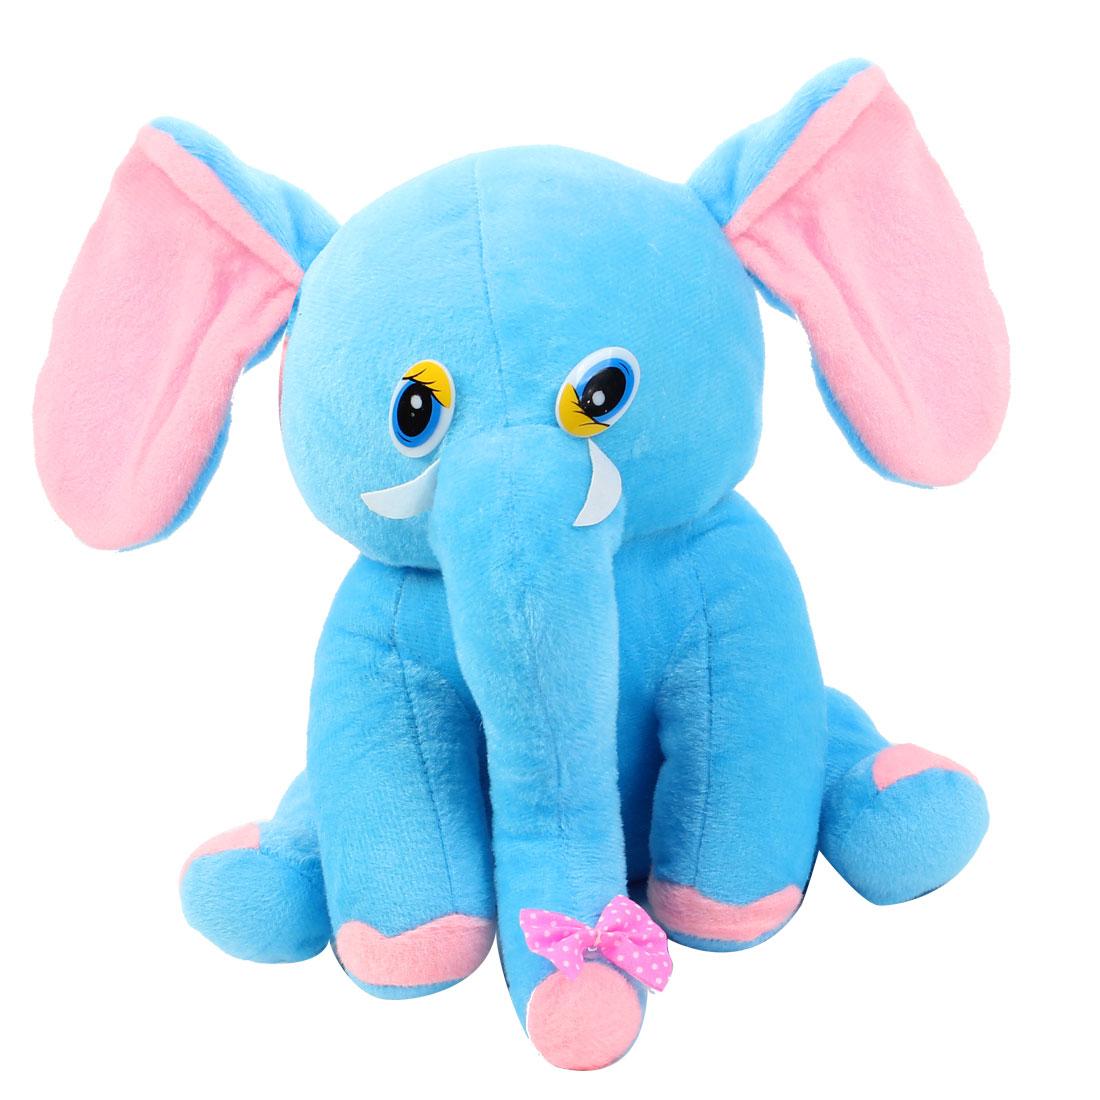 Collection Toy Velvet Elephant Design Car Auto Decoration Blue